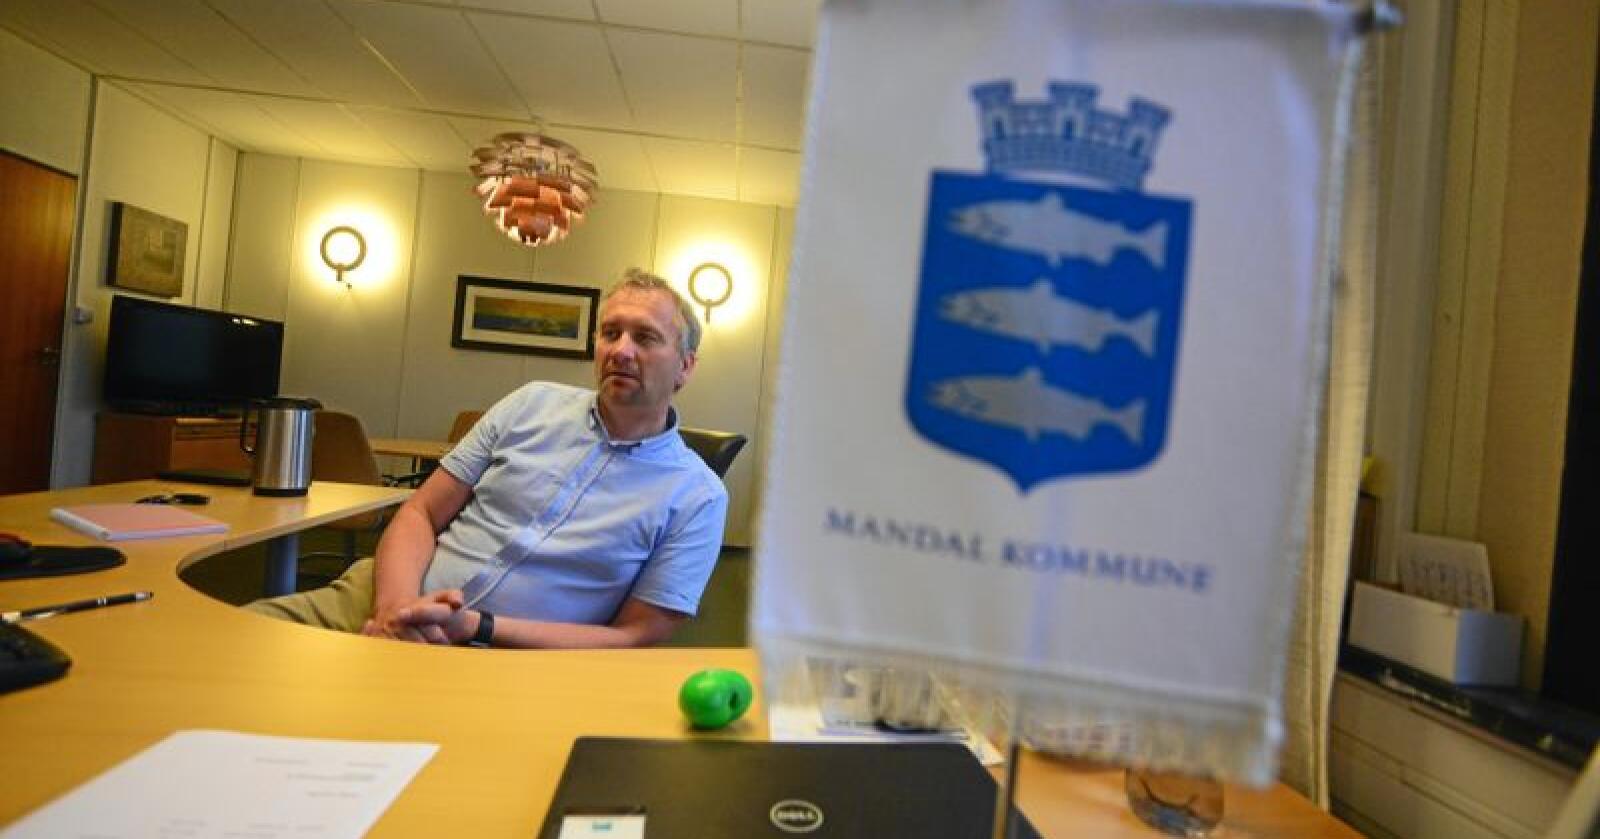 Fenger mindre: Færre i Mandal møter opp for å stemme over ordfører Alf Erik Andersen enn over Erna og Jens. Foto: Siri Juell Rasmussen.